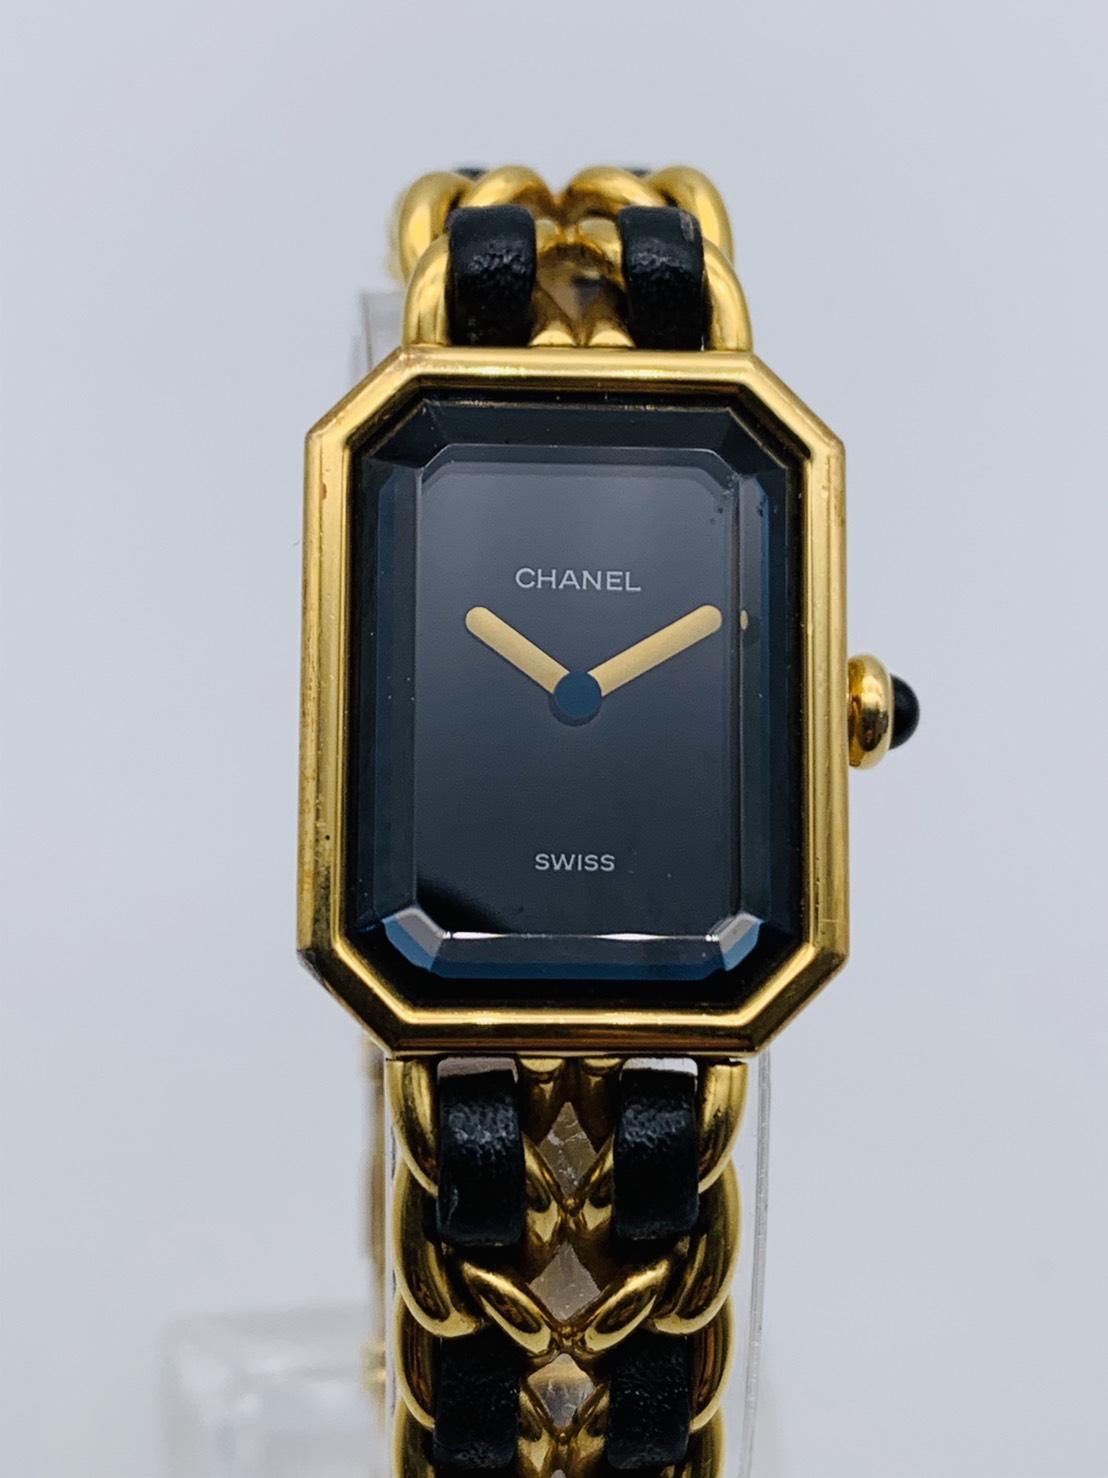 CHANEL  シャネル プルミエール 腕時計・買取ならナニウル久米川店へ